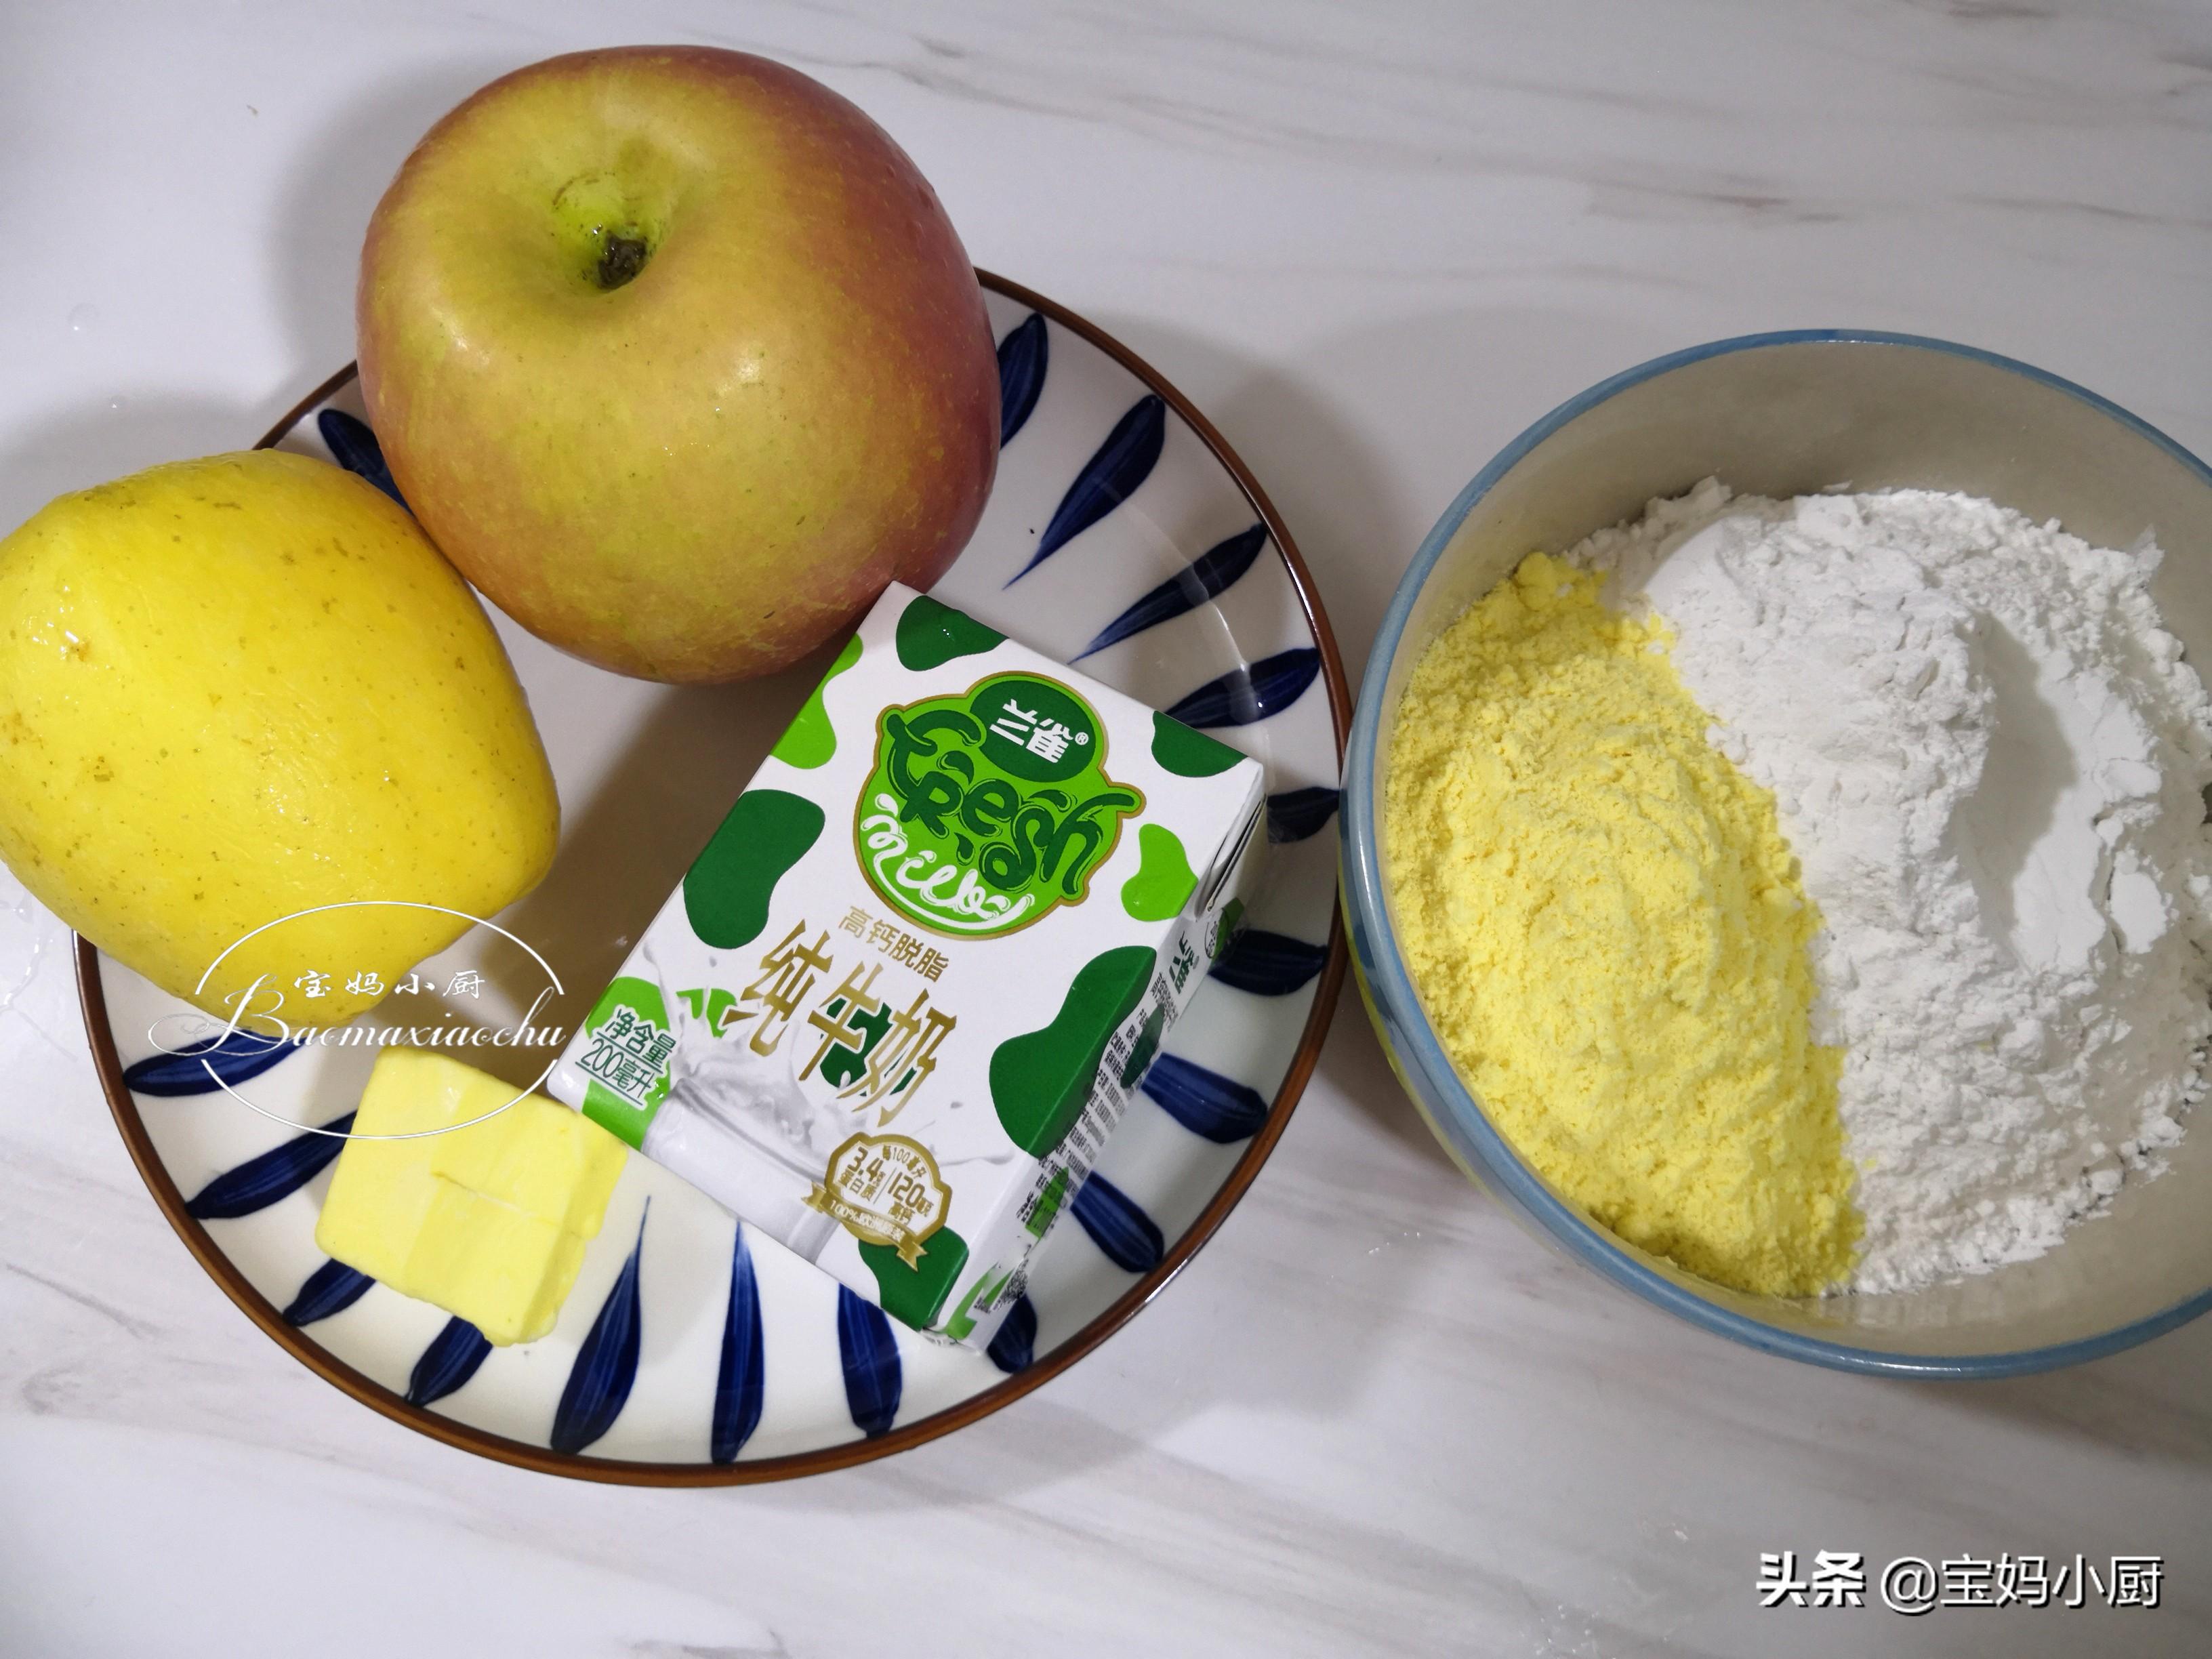 用牛奶和蘋果做餅,當早餐太讚了,大人孩子喜歡,網友:聰明做法